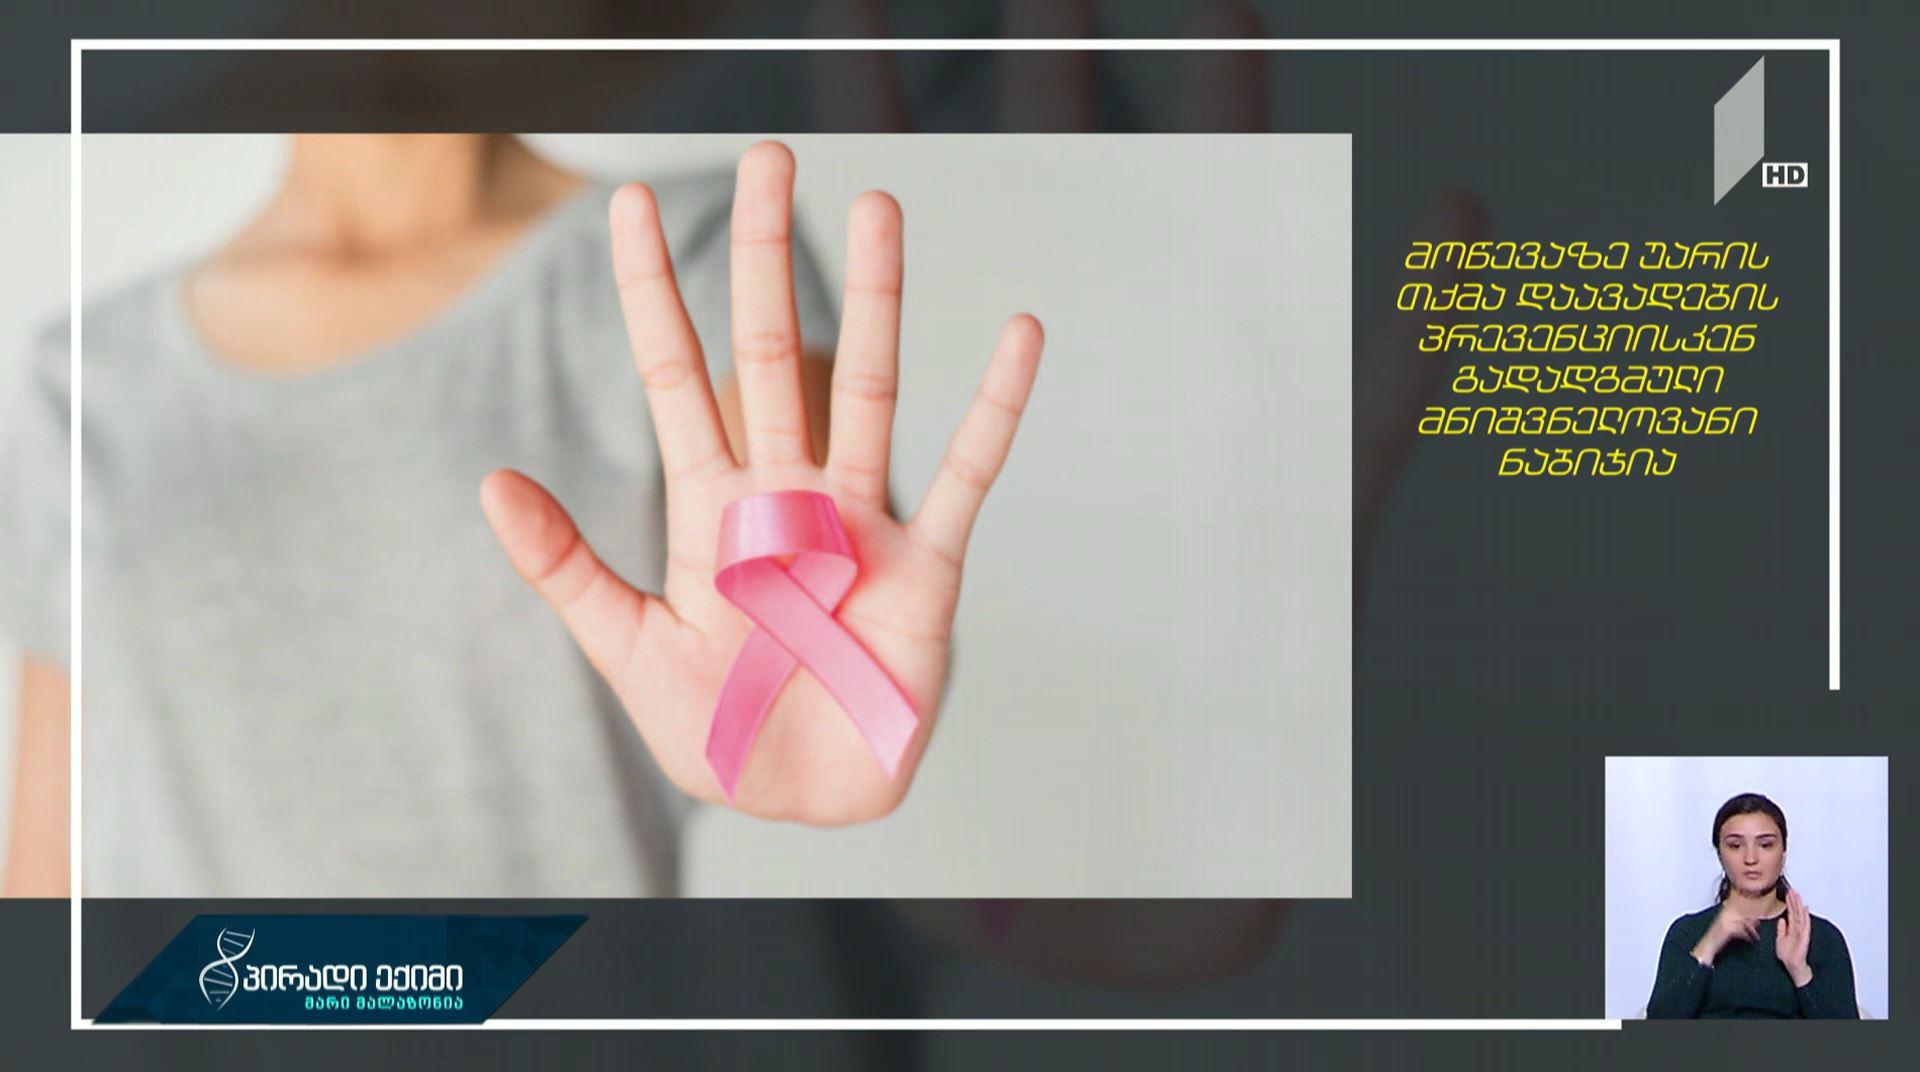 #პირადიექიმი ძუძუს კიბოს პრევენცია - ქალთა განათლებას ძუძუს კიბოს ასოციაცია დაავადების პრევენციის საუკეთესო საშუალებად მიიჩნევს